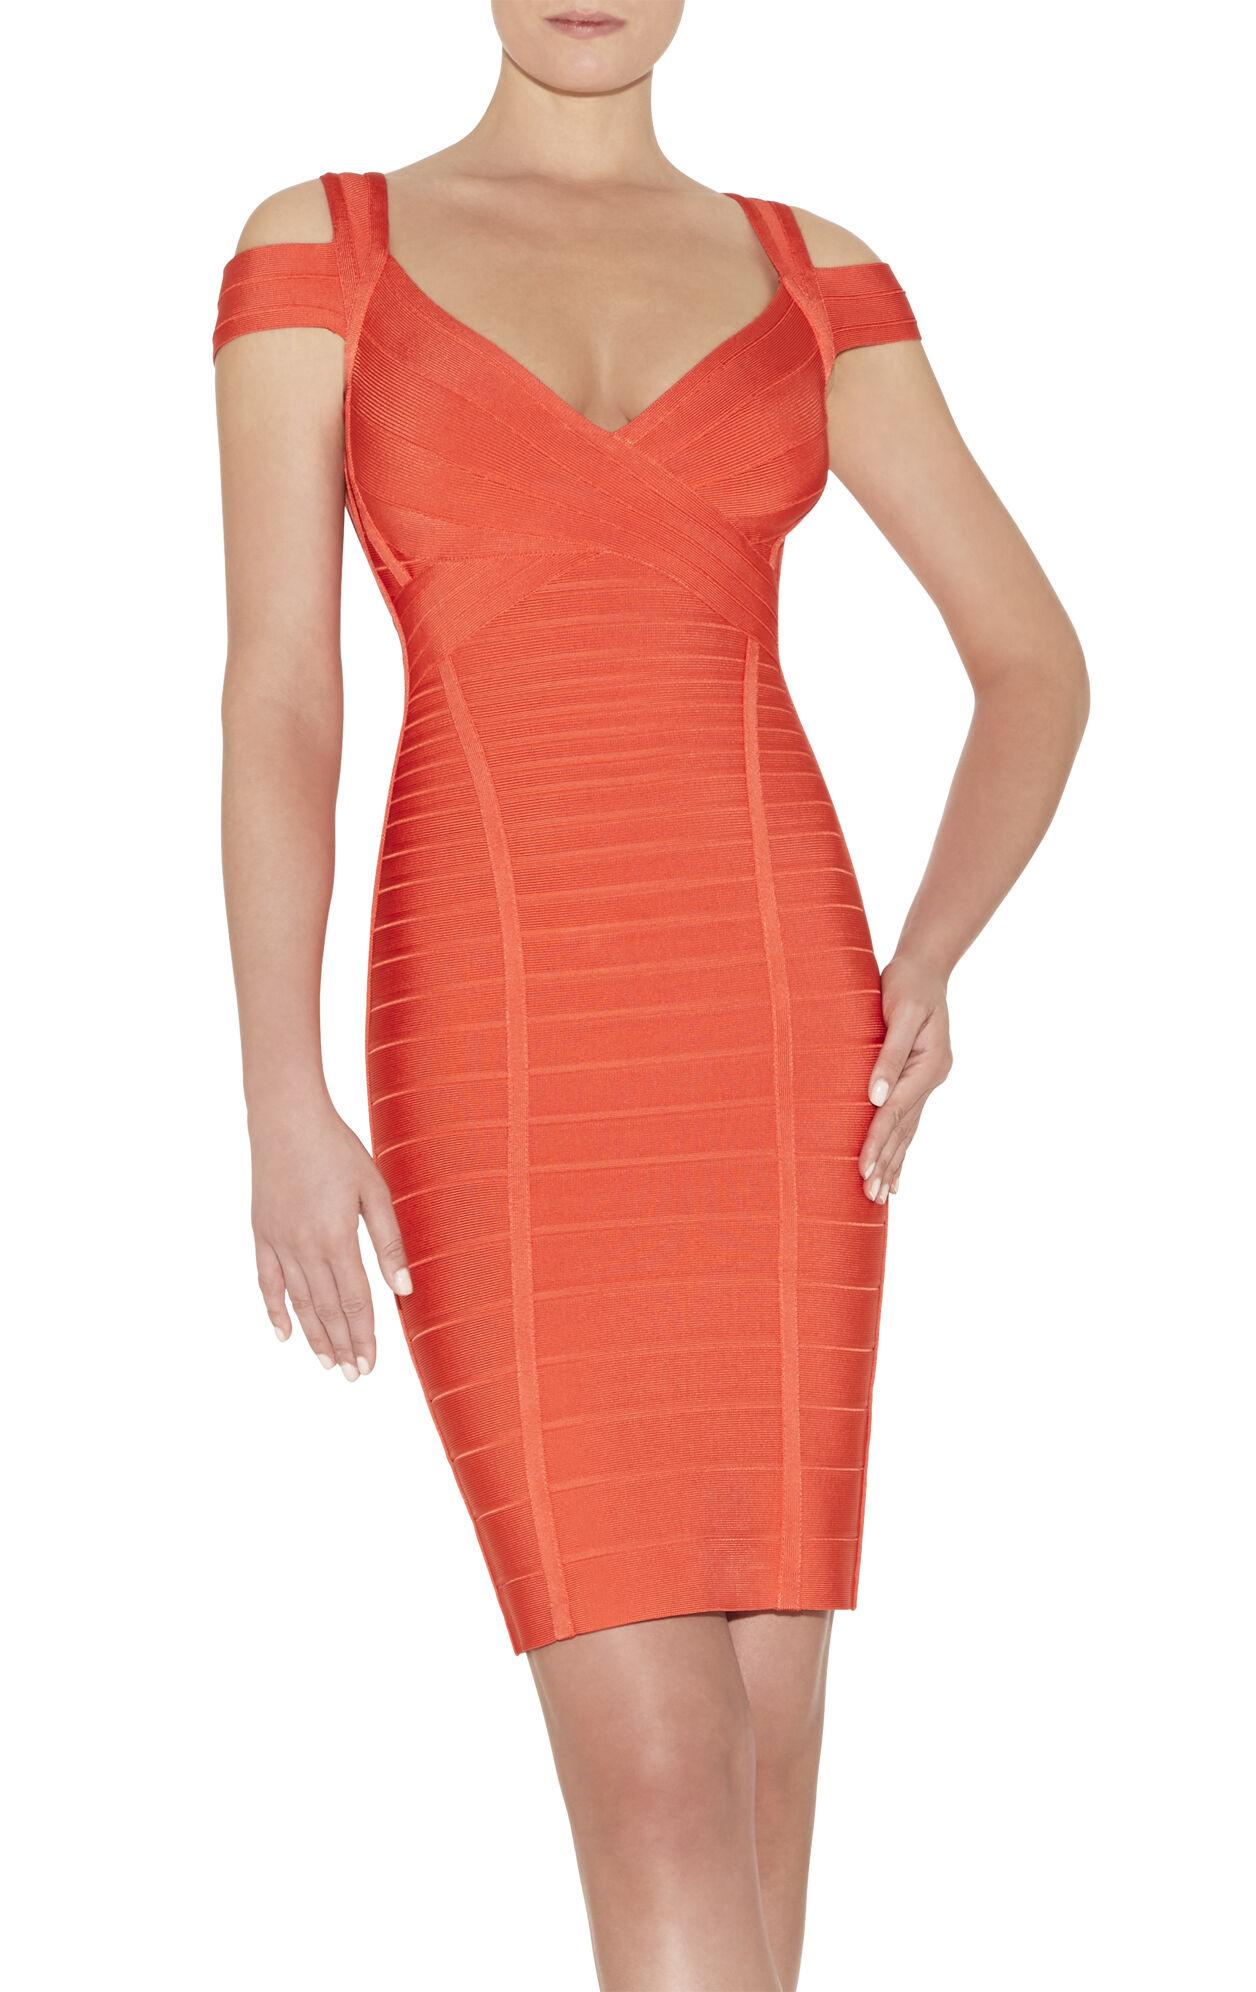 Raquel Novelty Essentials Bandage Dress